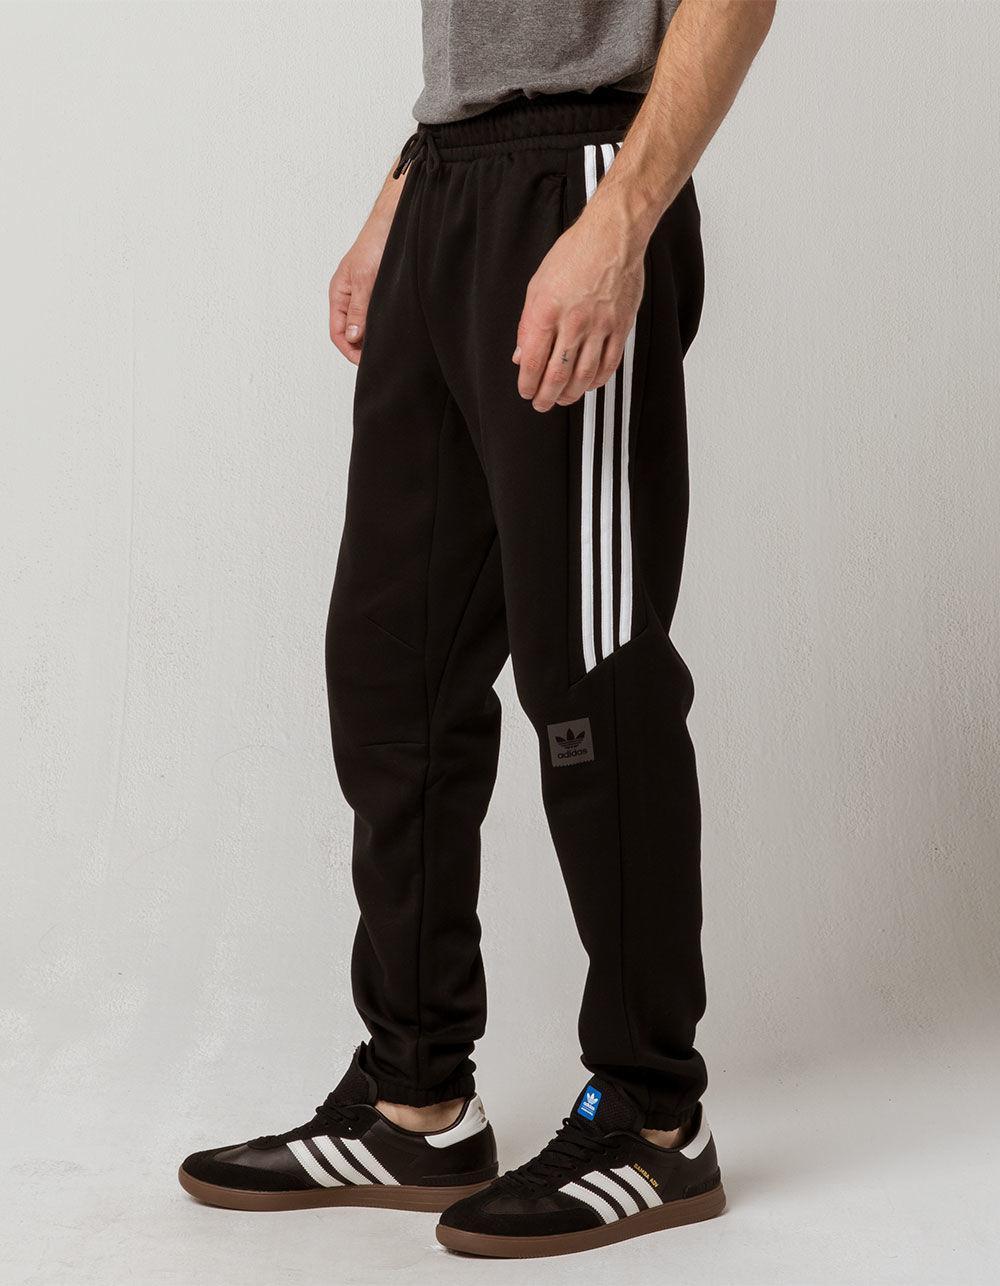 fe87a4938 Adidas - Black Tech Mens Sweatpants for Men - Lyst. View fullscreen